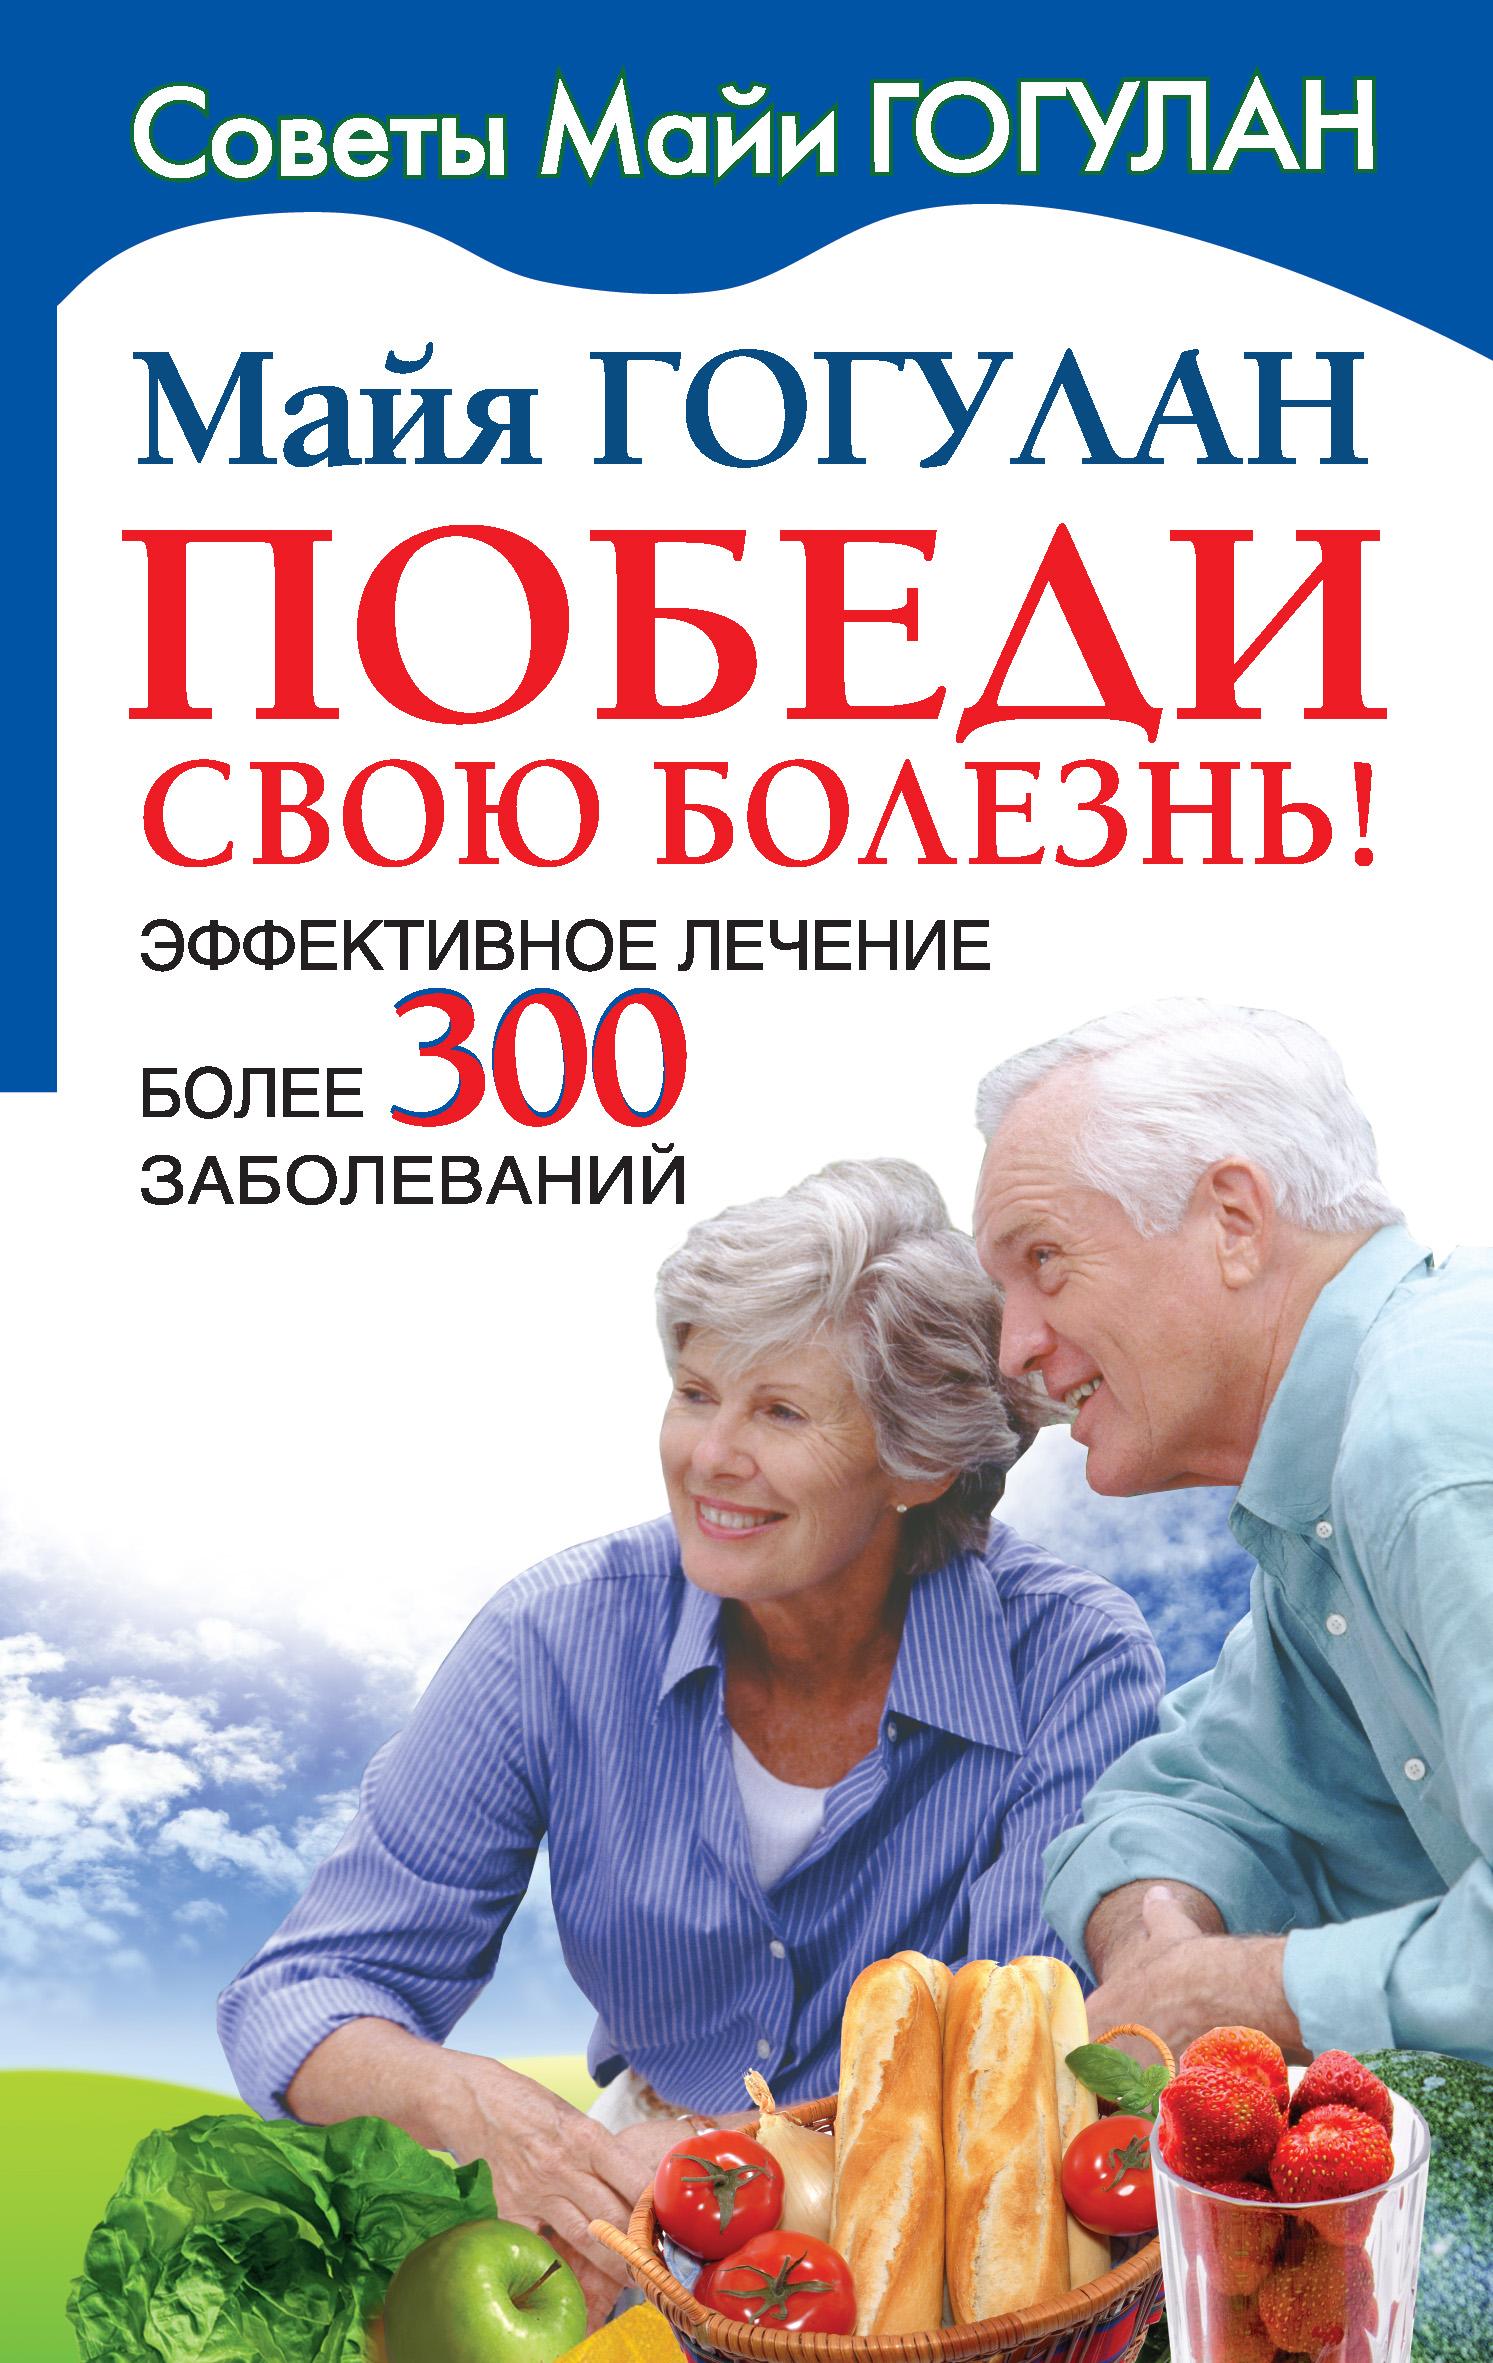 Майя Гогулан «Победи свою болезнь! Эффективное лечение более 300 заболеваний»